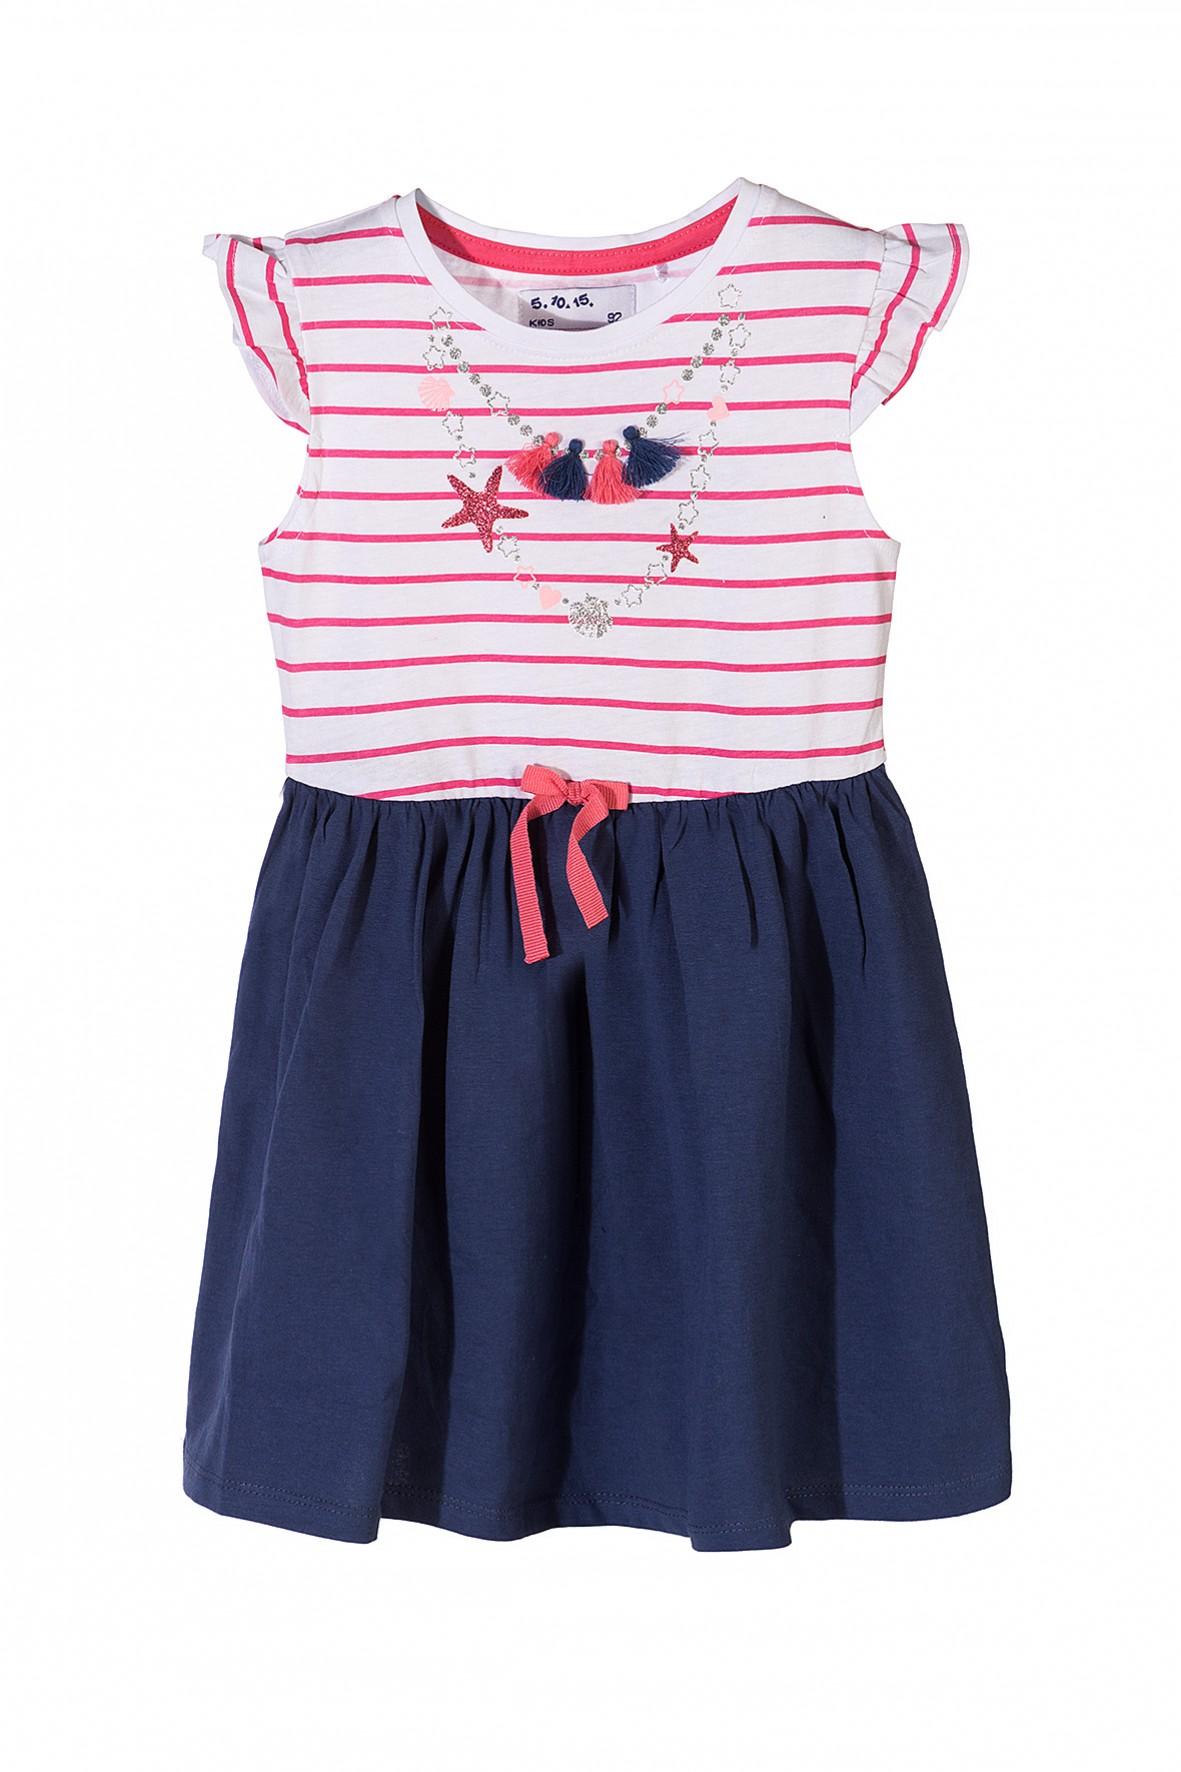 Bawełniana sukienka dla dziewczynki z ozdobnymi nadrukami